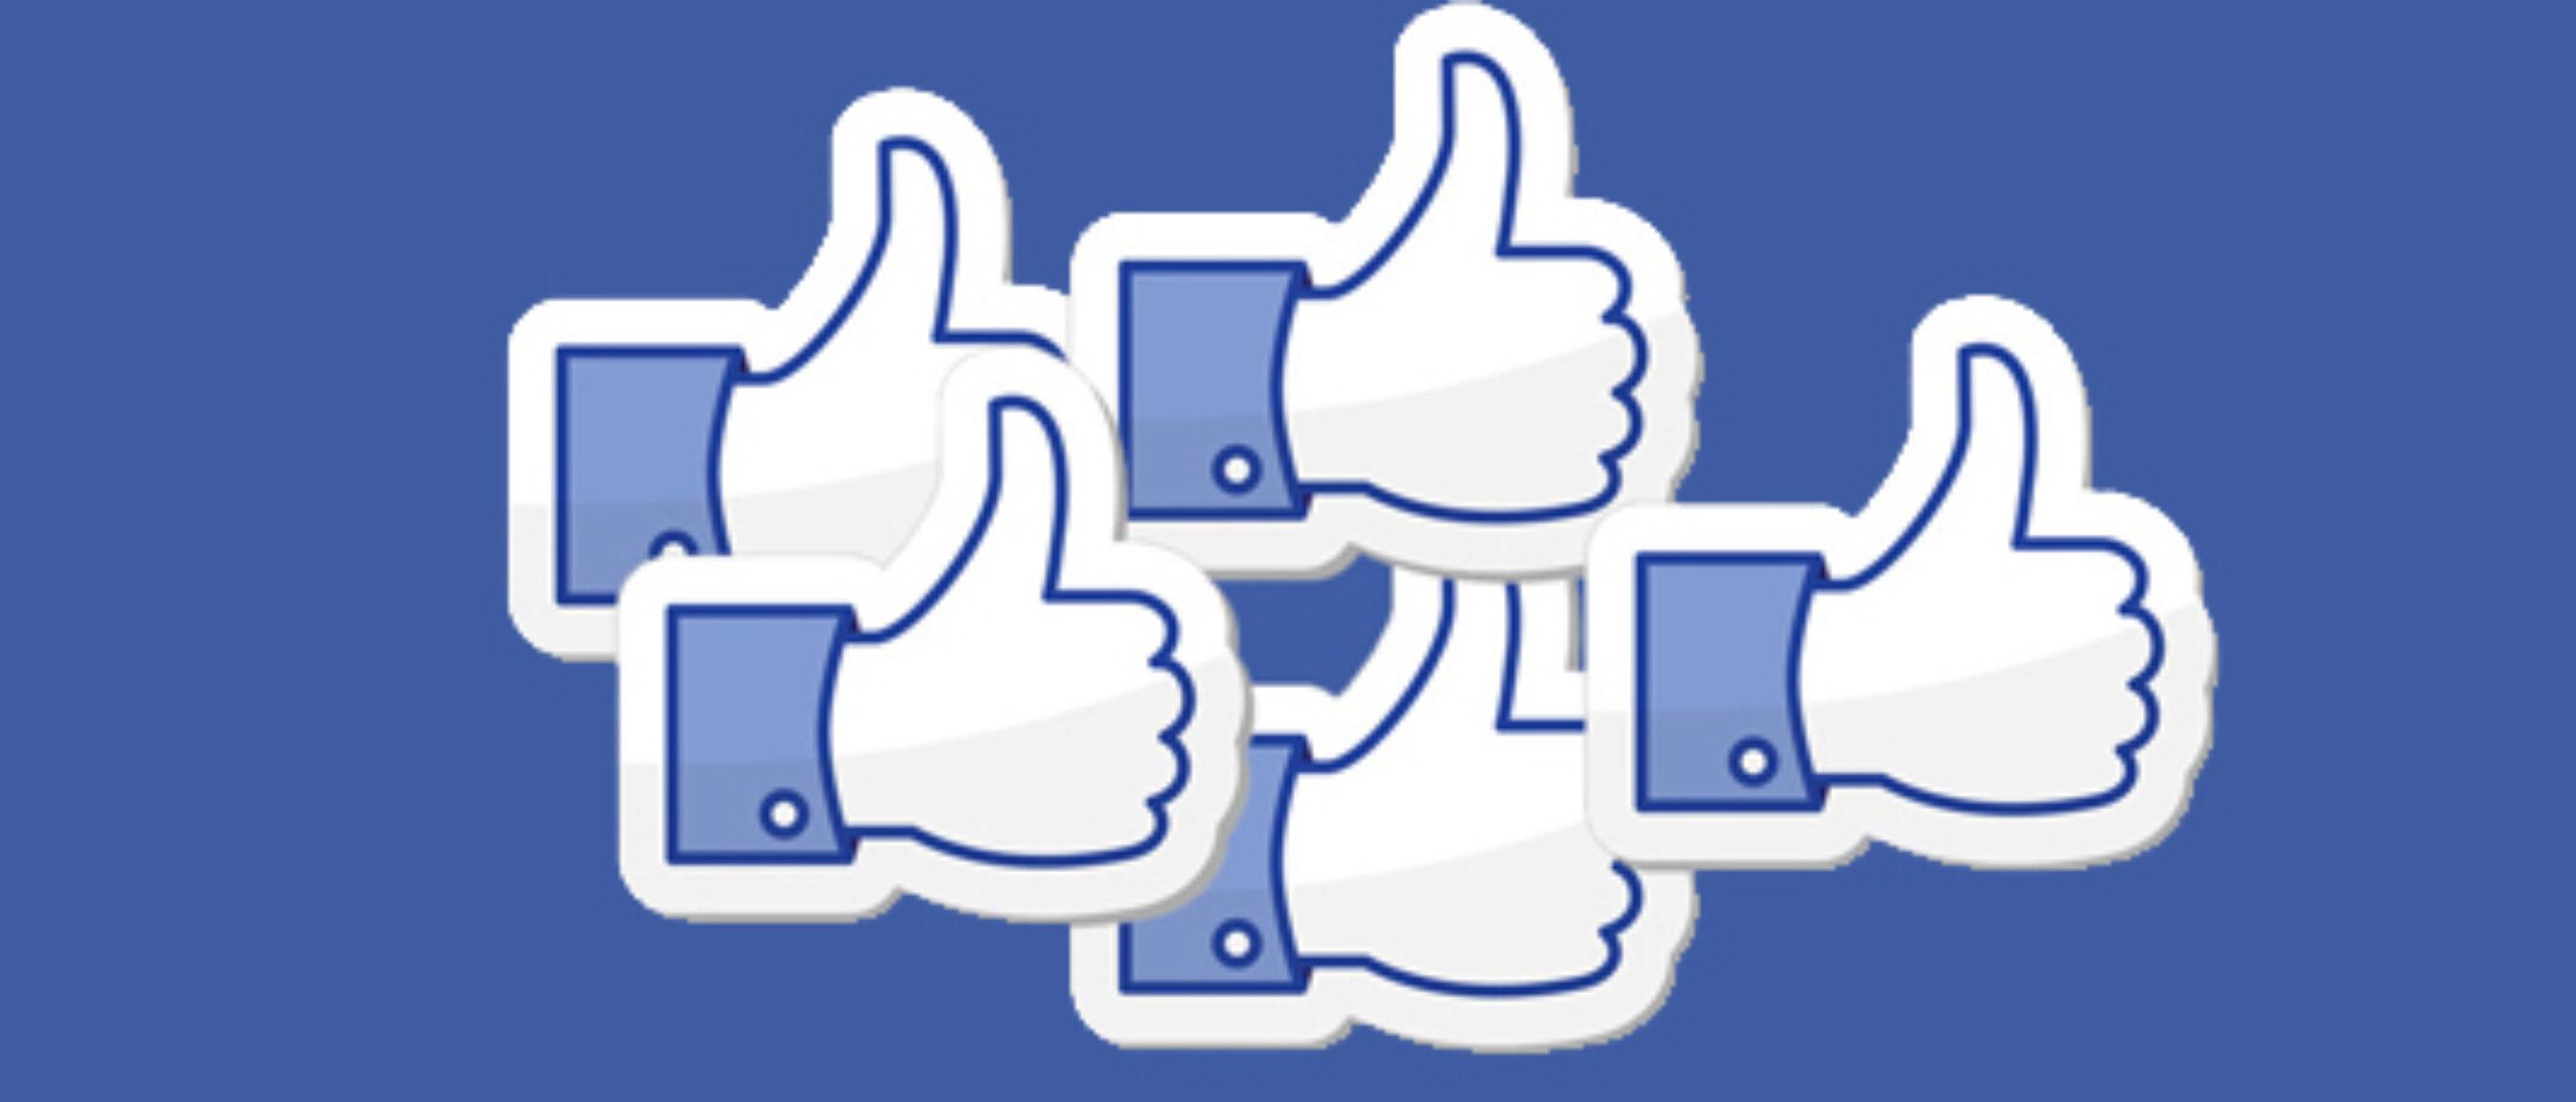 Afbeelding voor Facebook marketing: Een goede contentstrategie voor meer organisch bereik!